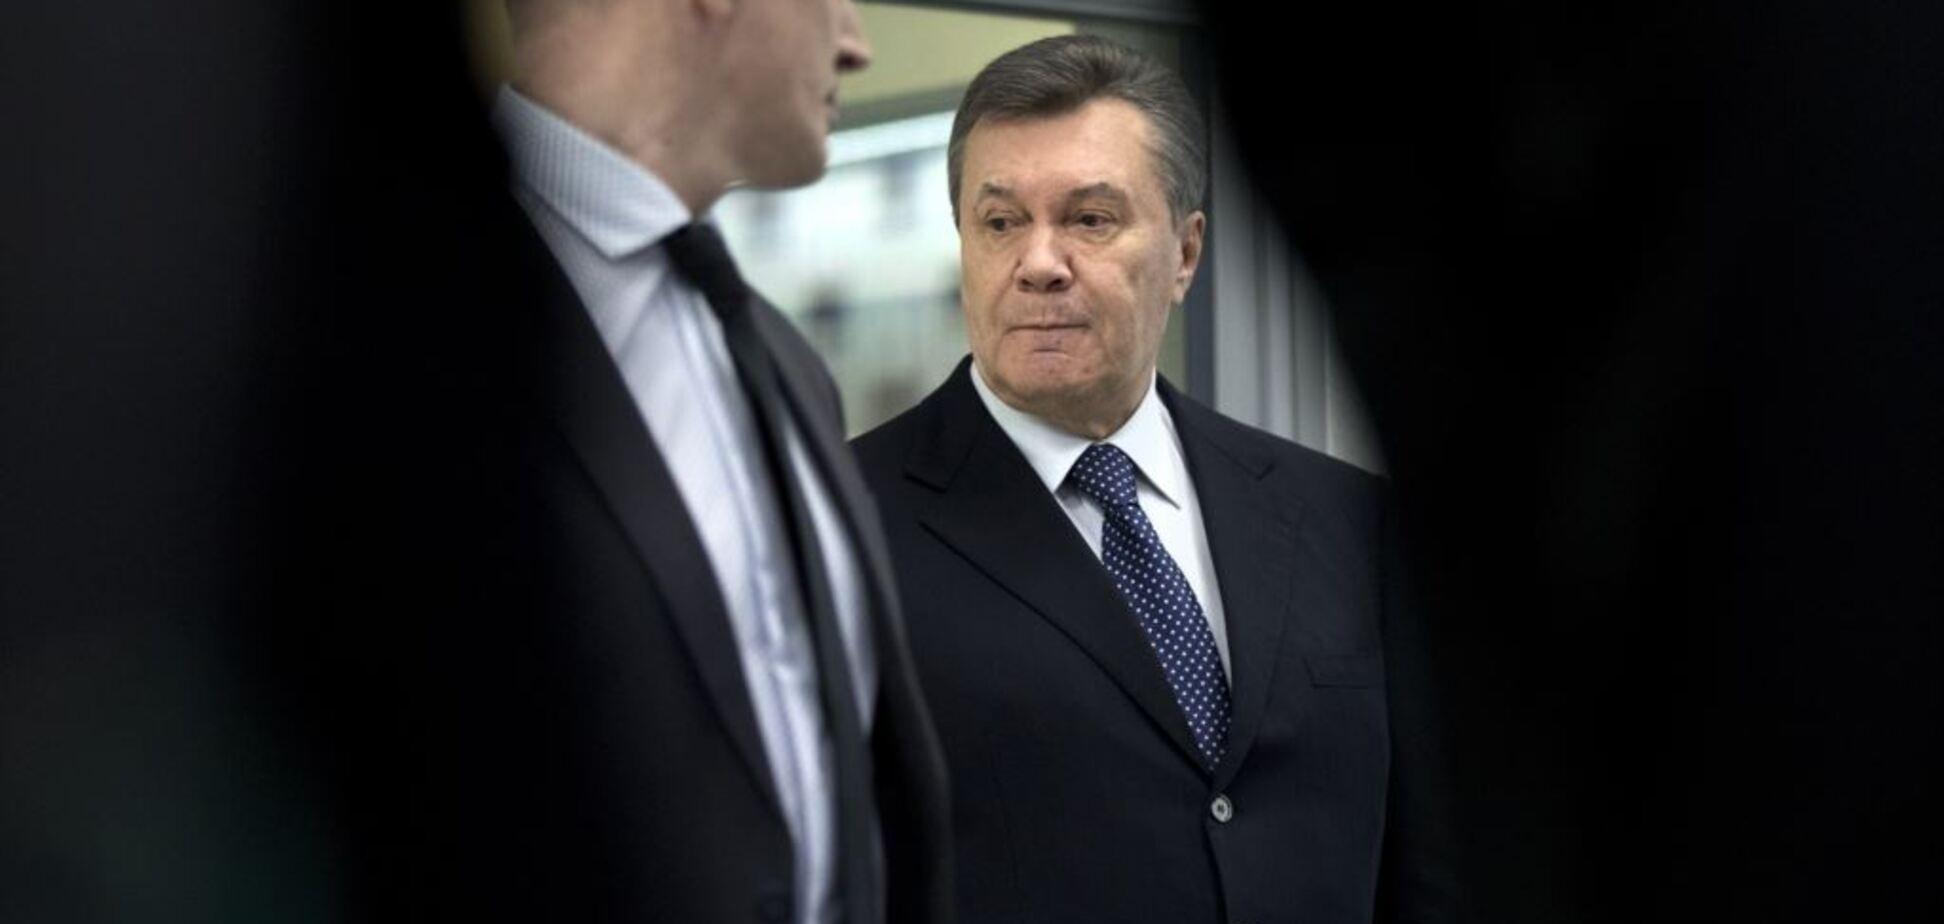 'Ань, ну как же так?' Герман розповіла про паніку Януковича під час втечі